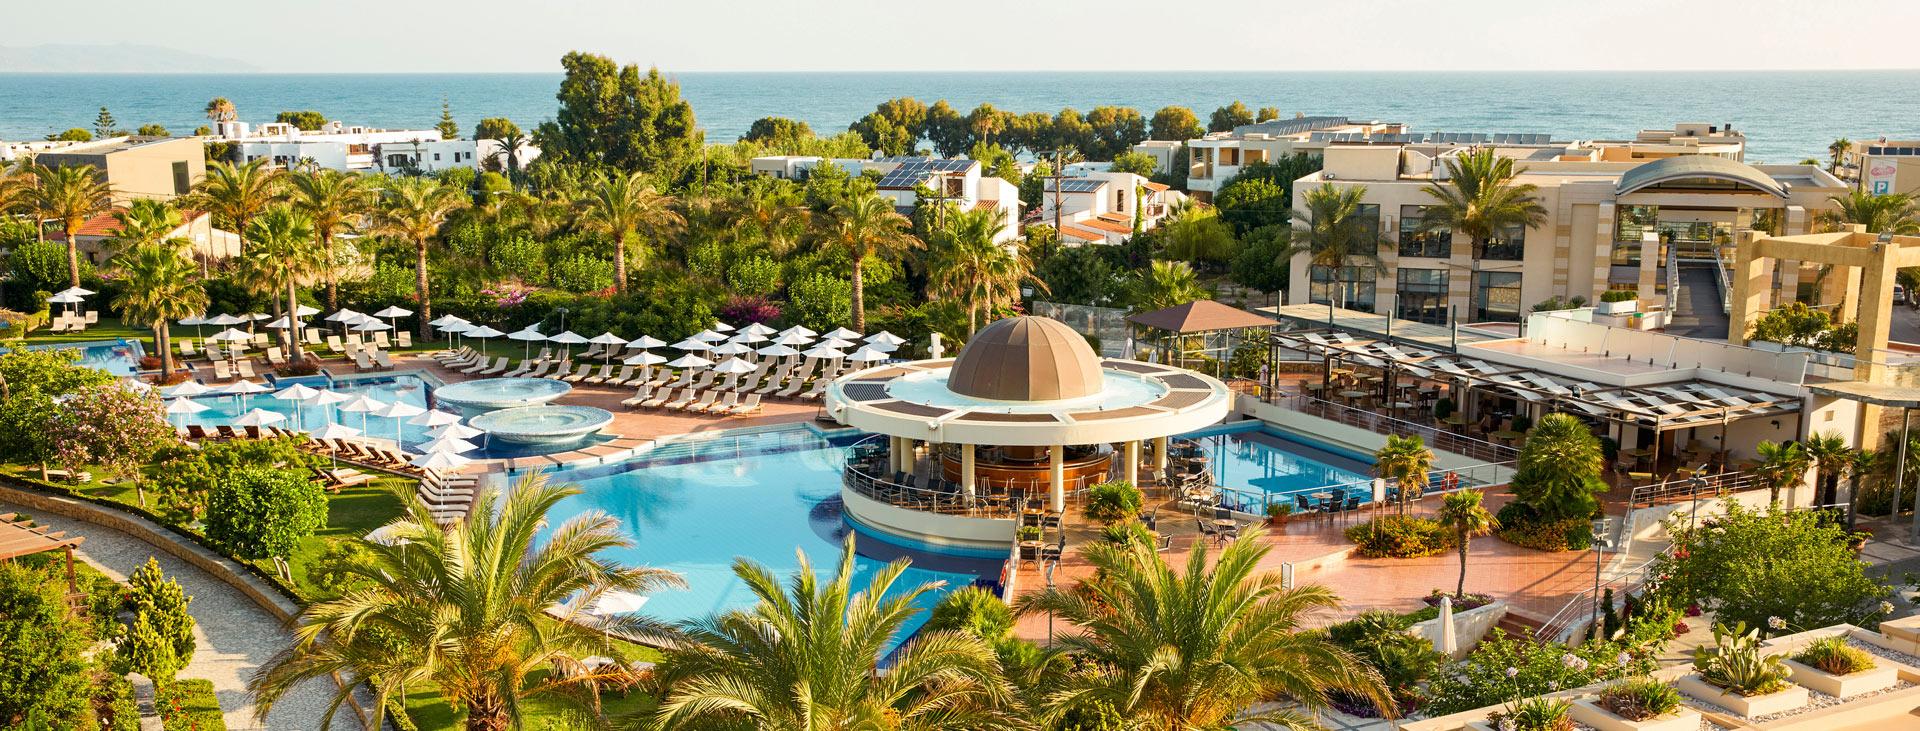 Minoa Palace Resort , Chaniakusten, Platanias, Kreta, Grekland